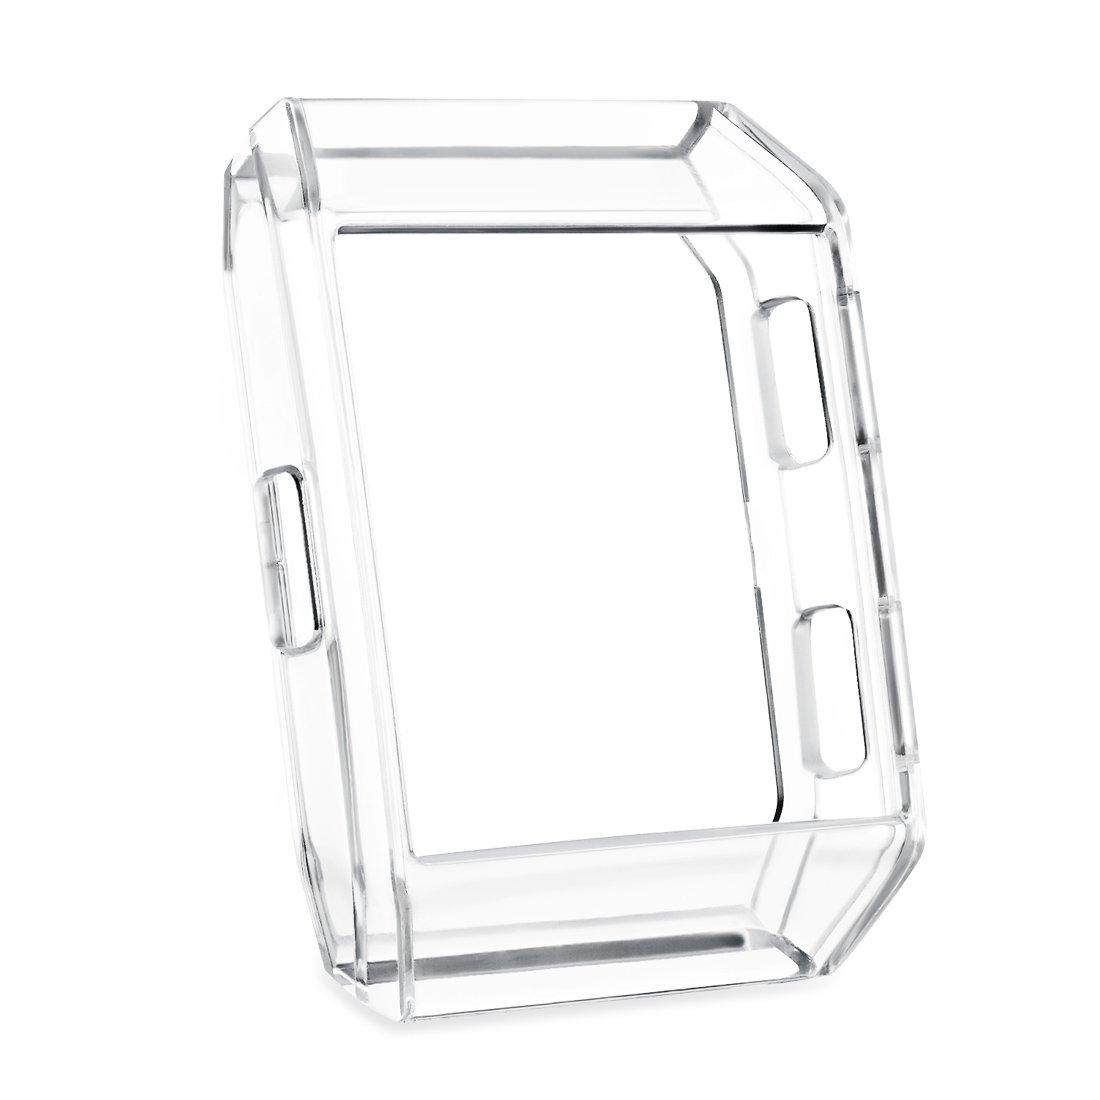 gincoband Fitbit Ionicケース、透明クリスタル柔らかいTpuケースプロテクターアクセサリーカバーシェルfor Fitbit Ionic Smart Watch B077MDQXCJ 1-Pack Trans Clear 1-Pack Transparent Clear